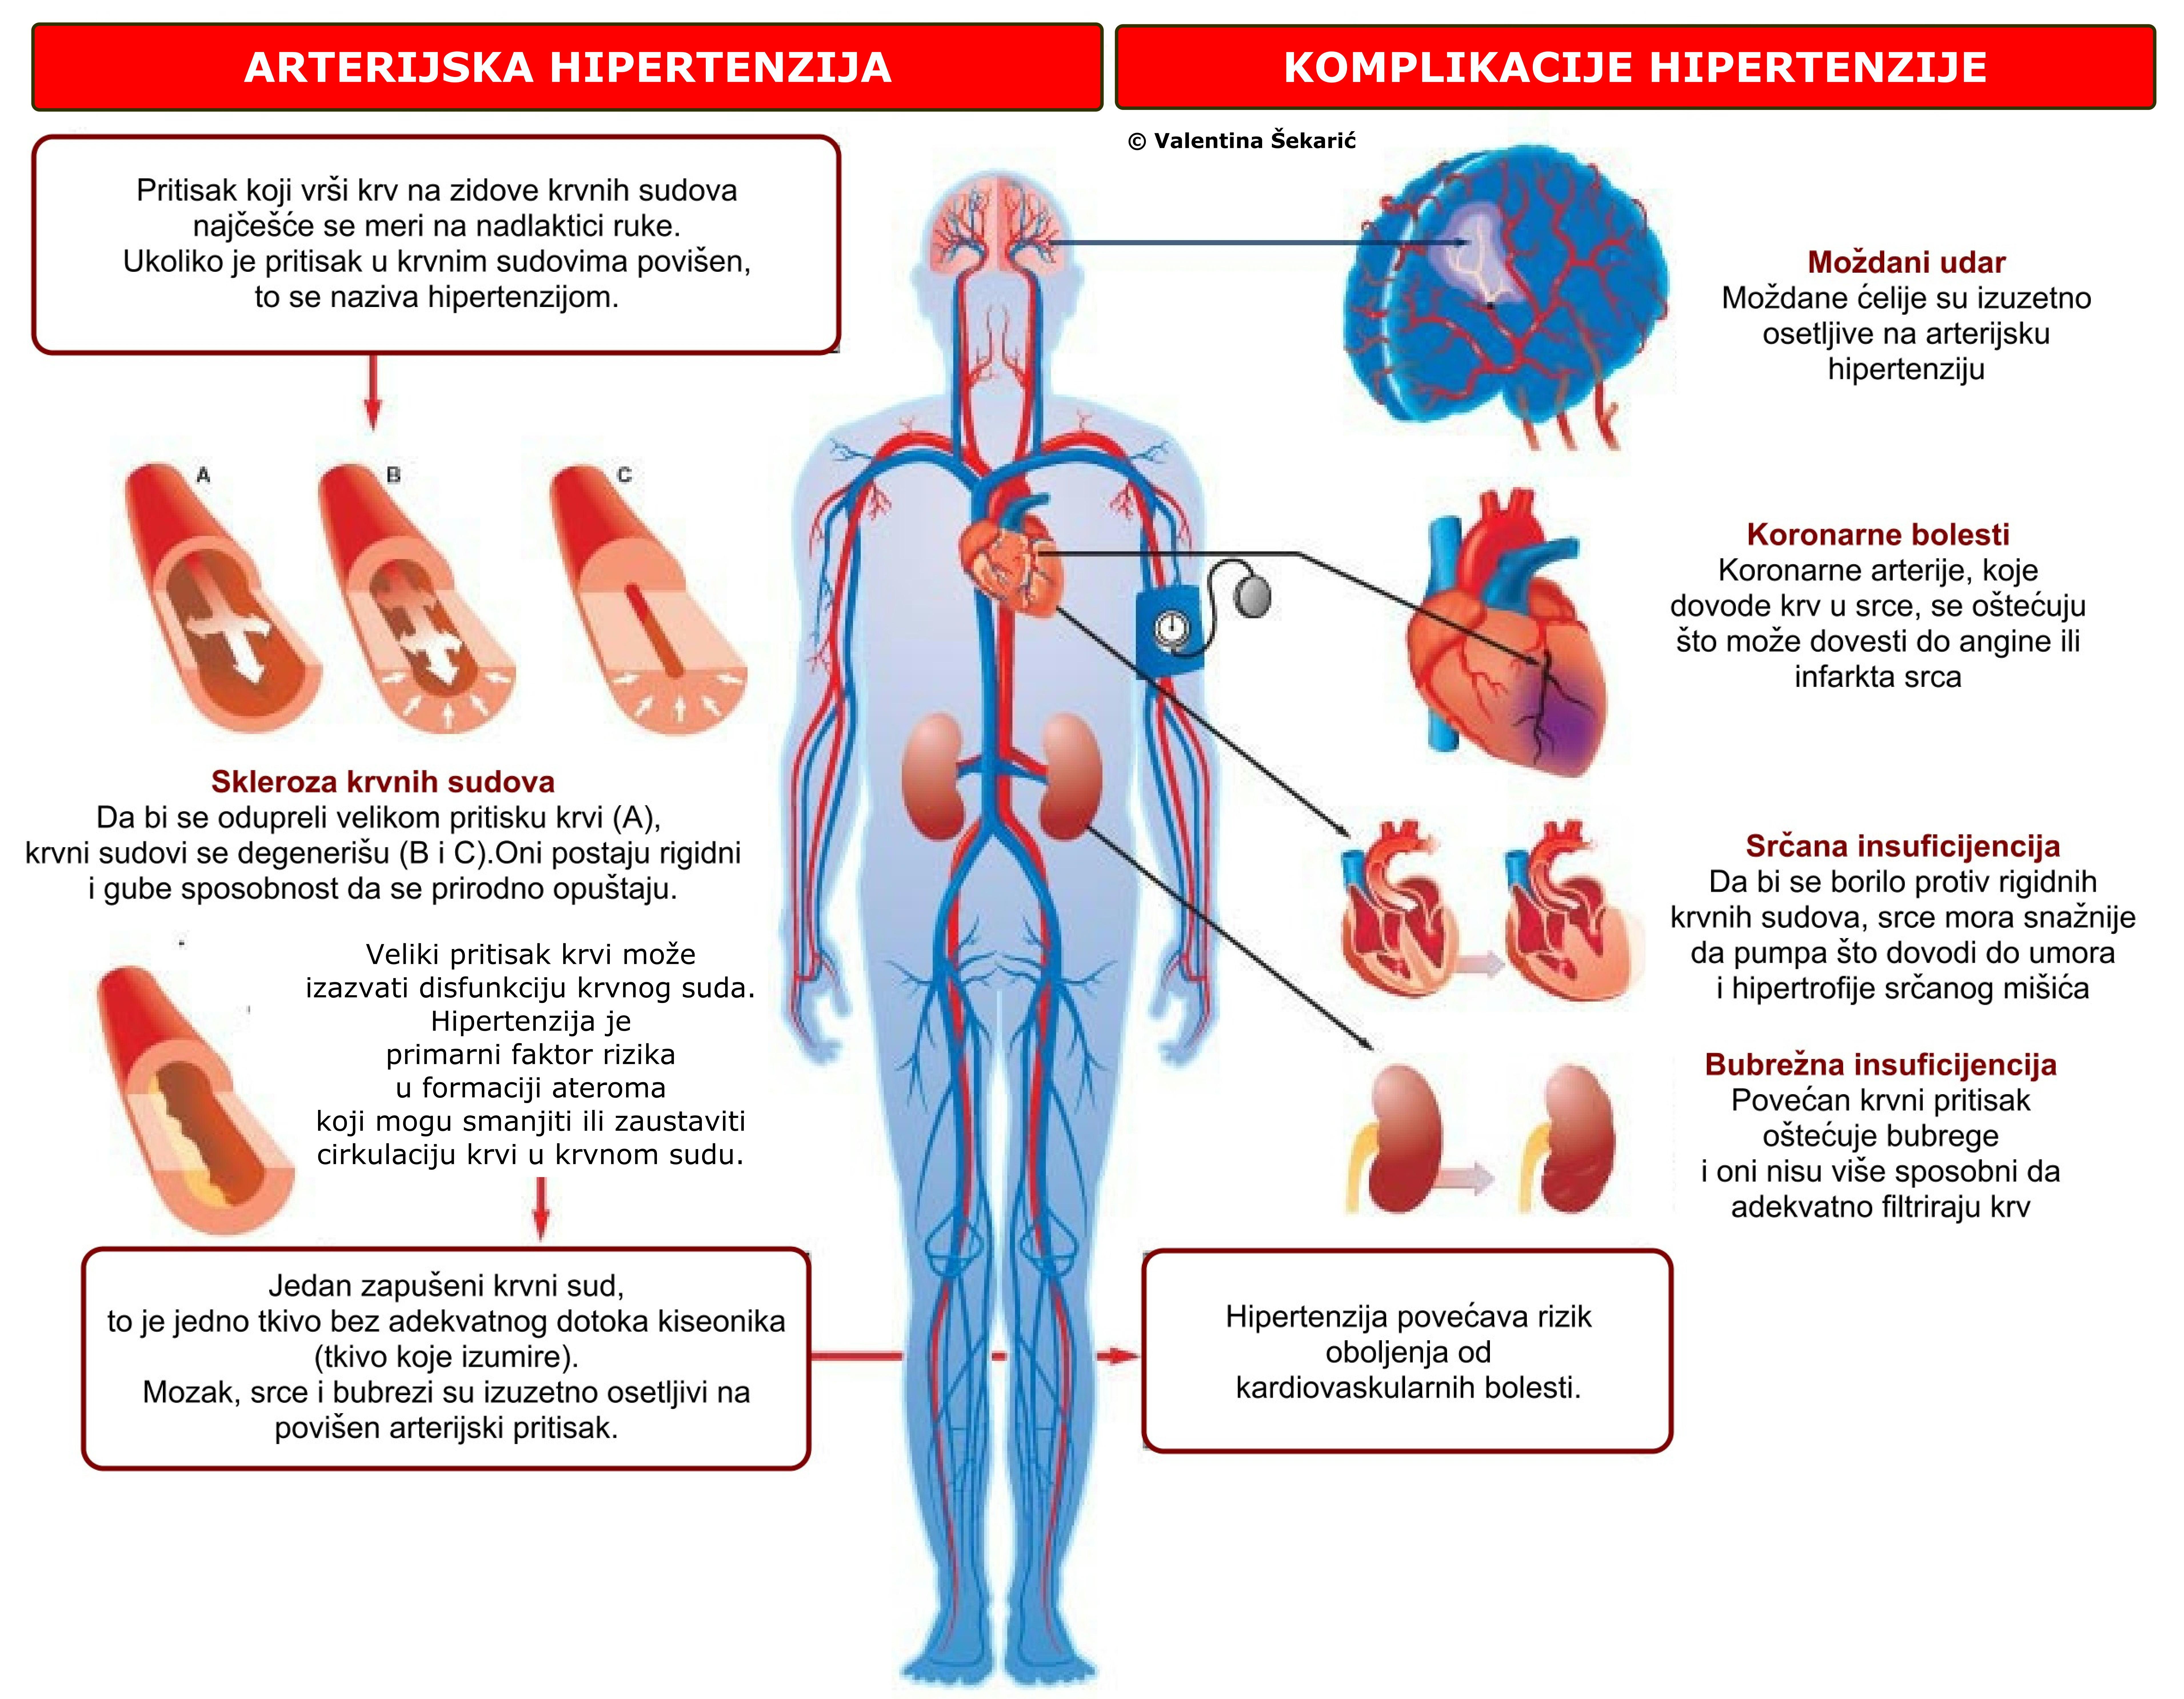 hipertenzija ne može ostvariti